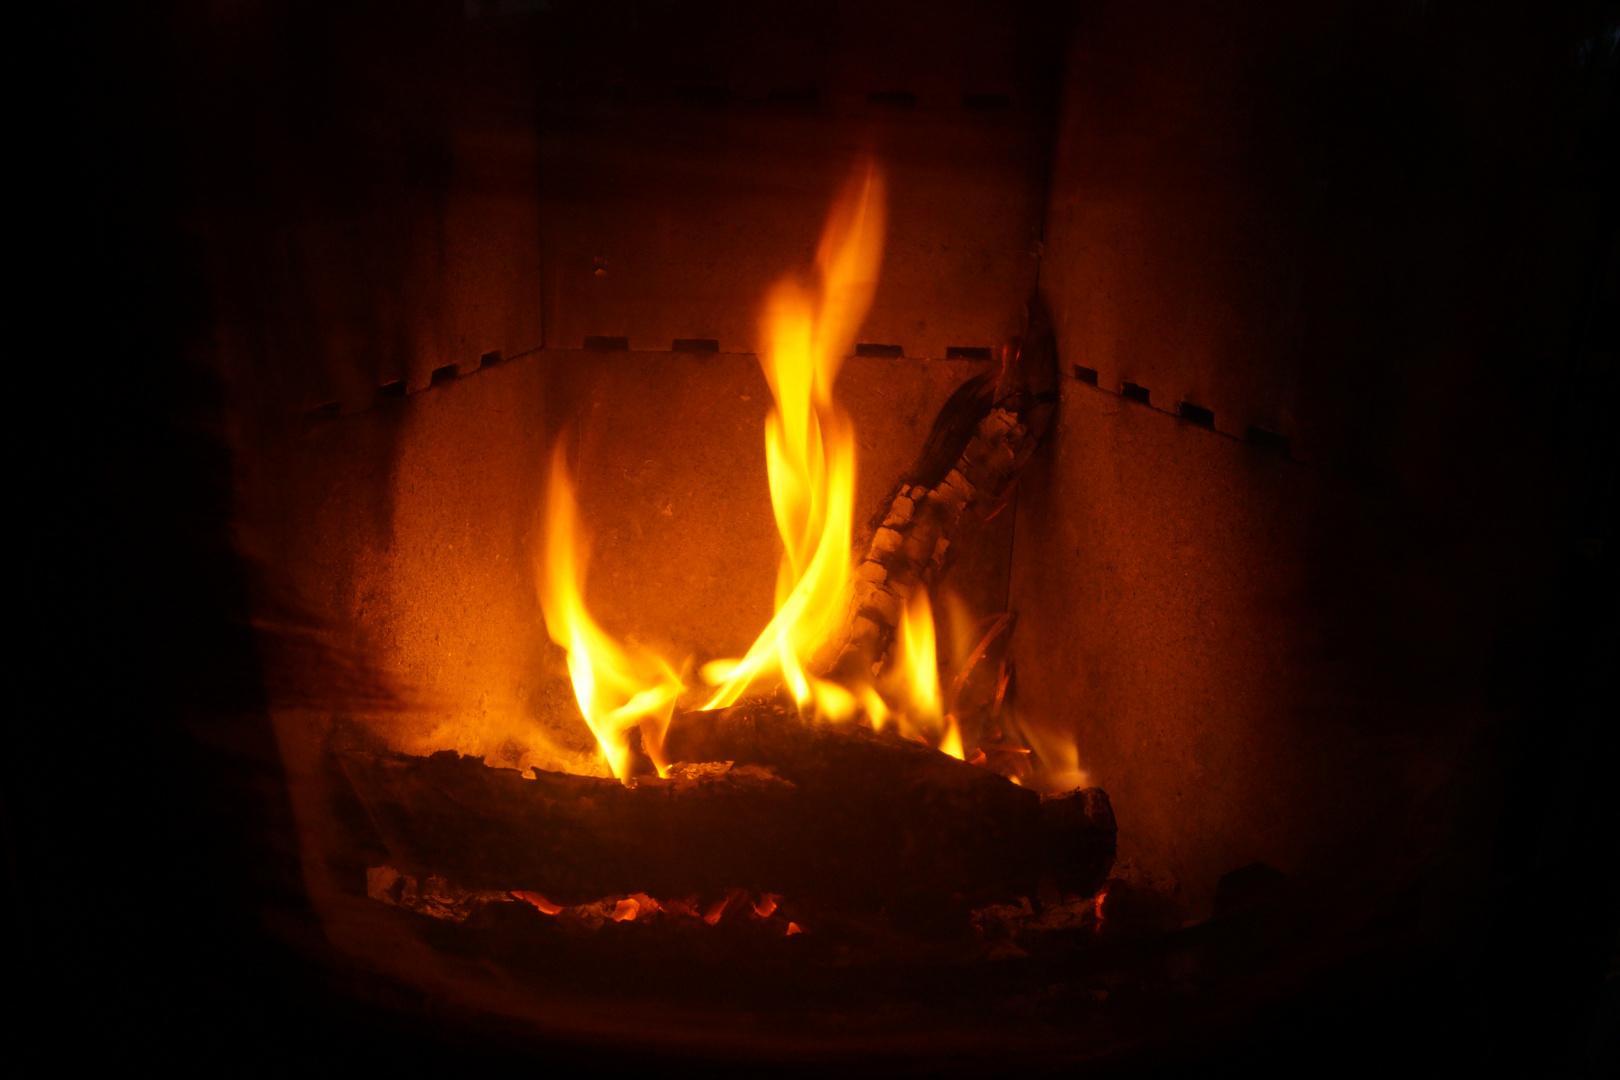 Die Feuerspirale